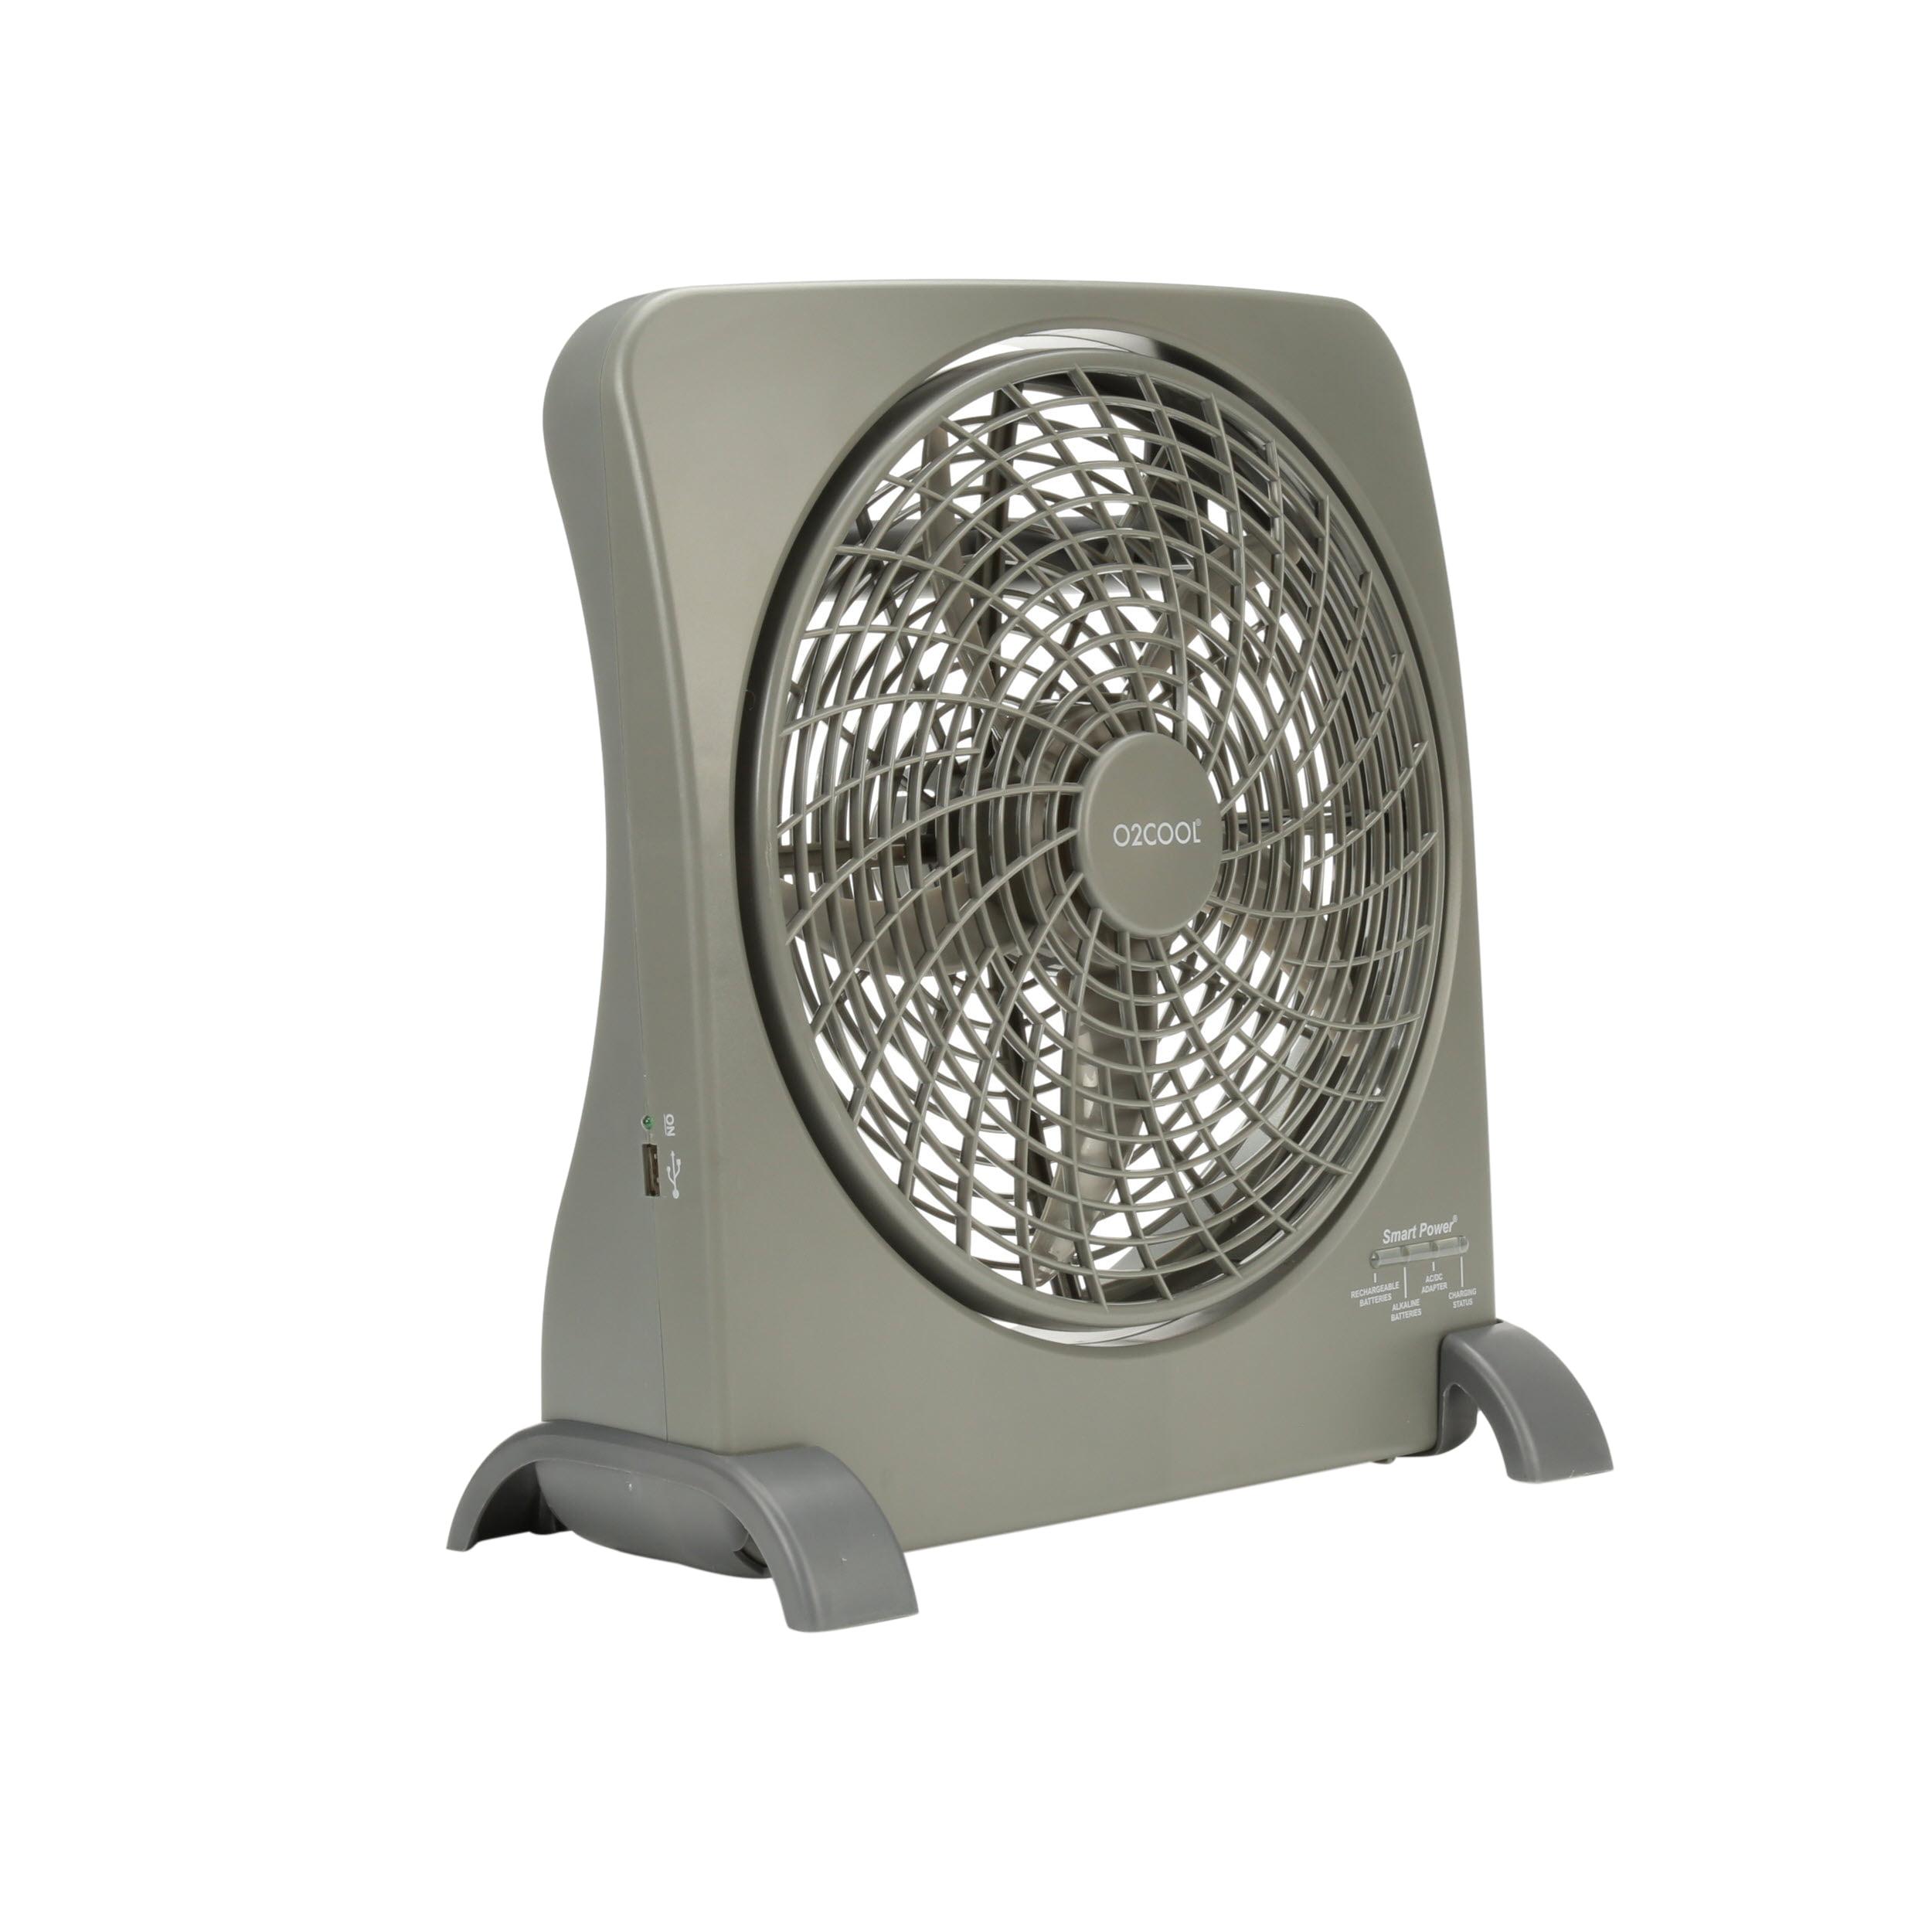 """O2COOL 10"""" Smart Power Rechargeable Portable 2-Speed Fan, Model #FD10006AU, Black"""